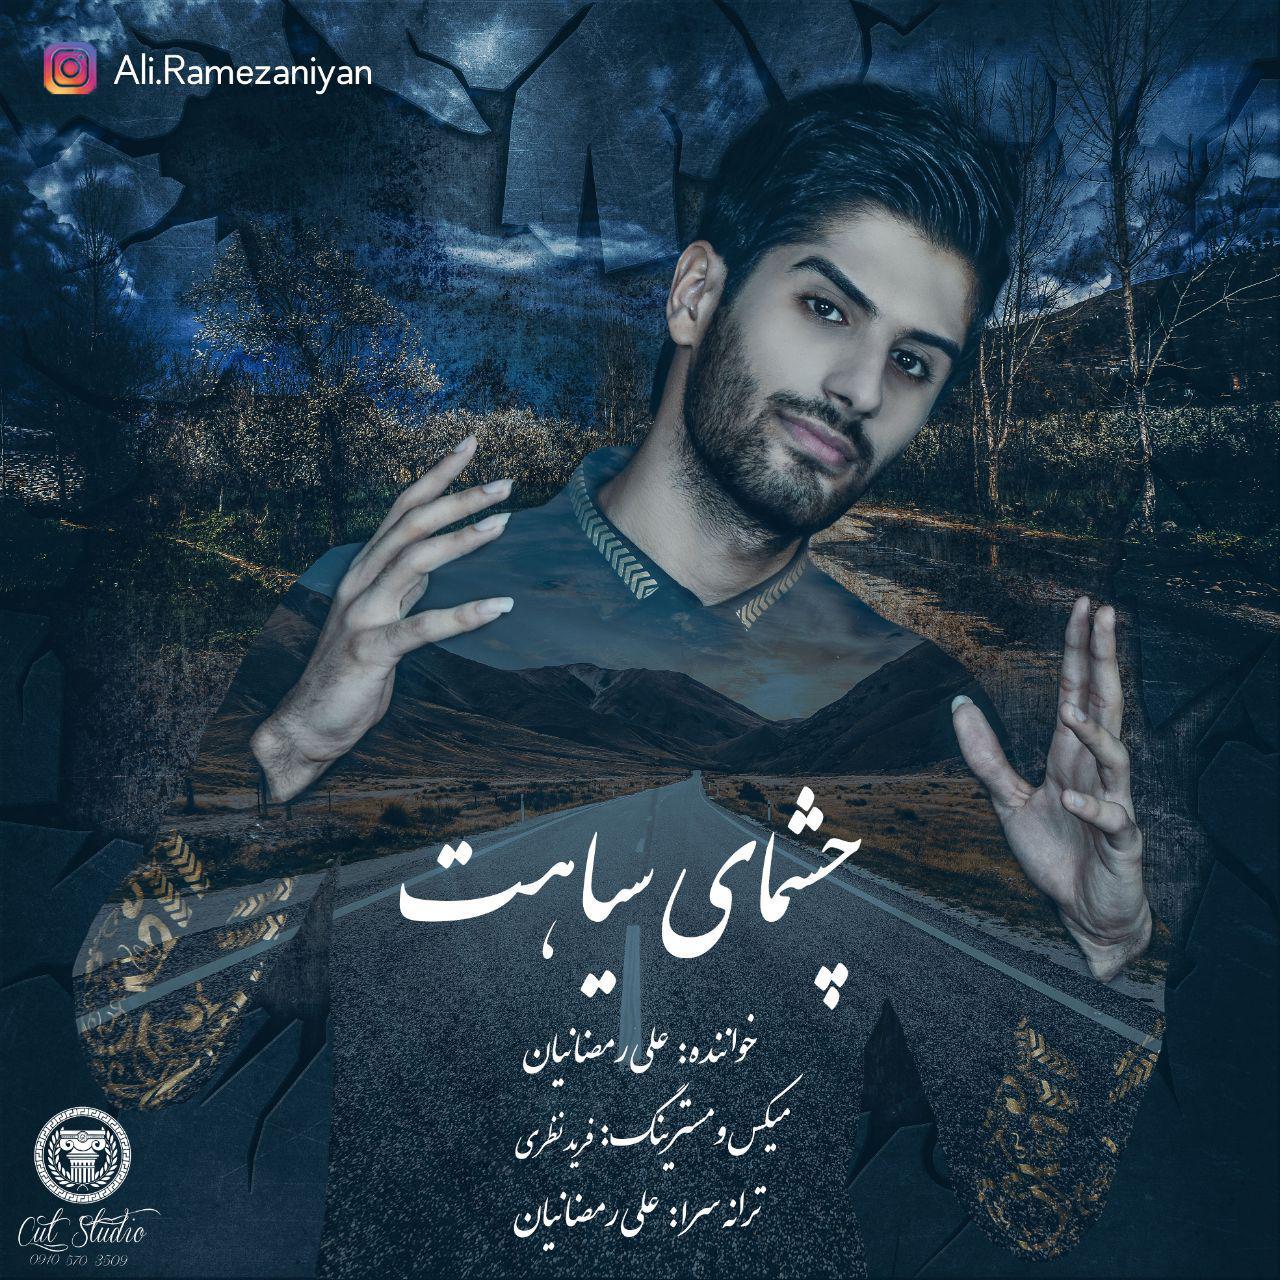 Ali Ramezaniyan – Cheshmai Siyahet